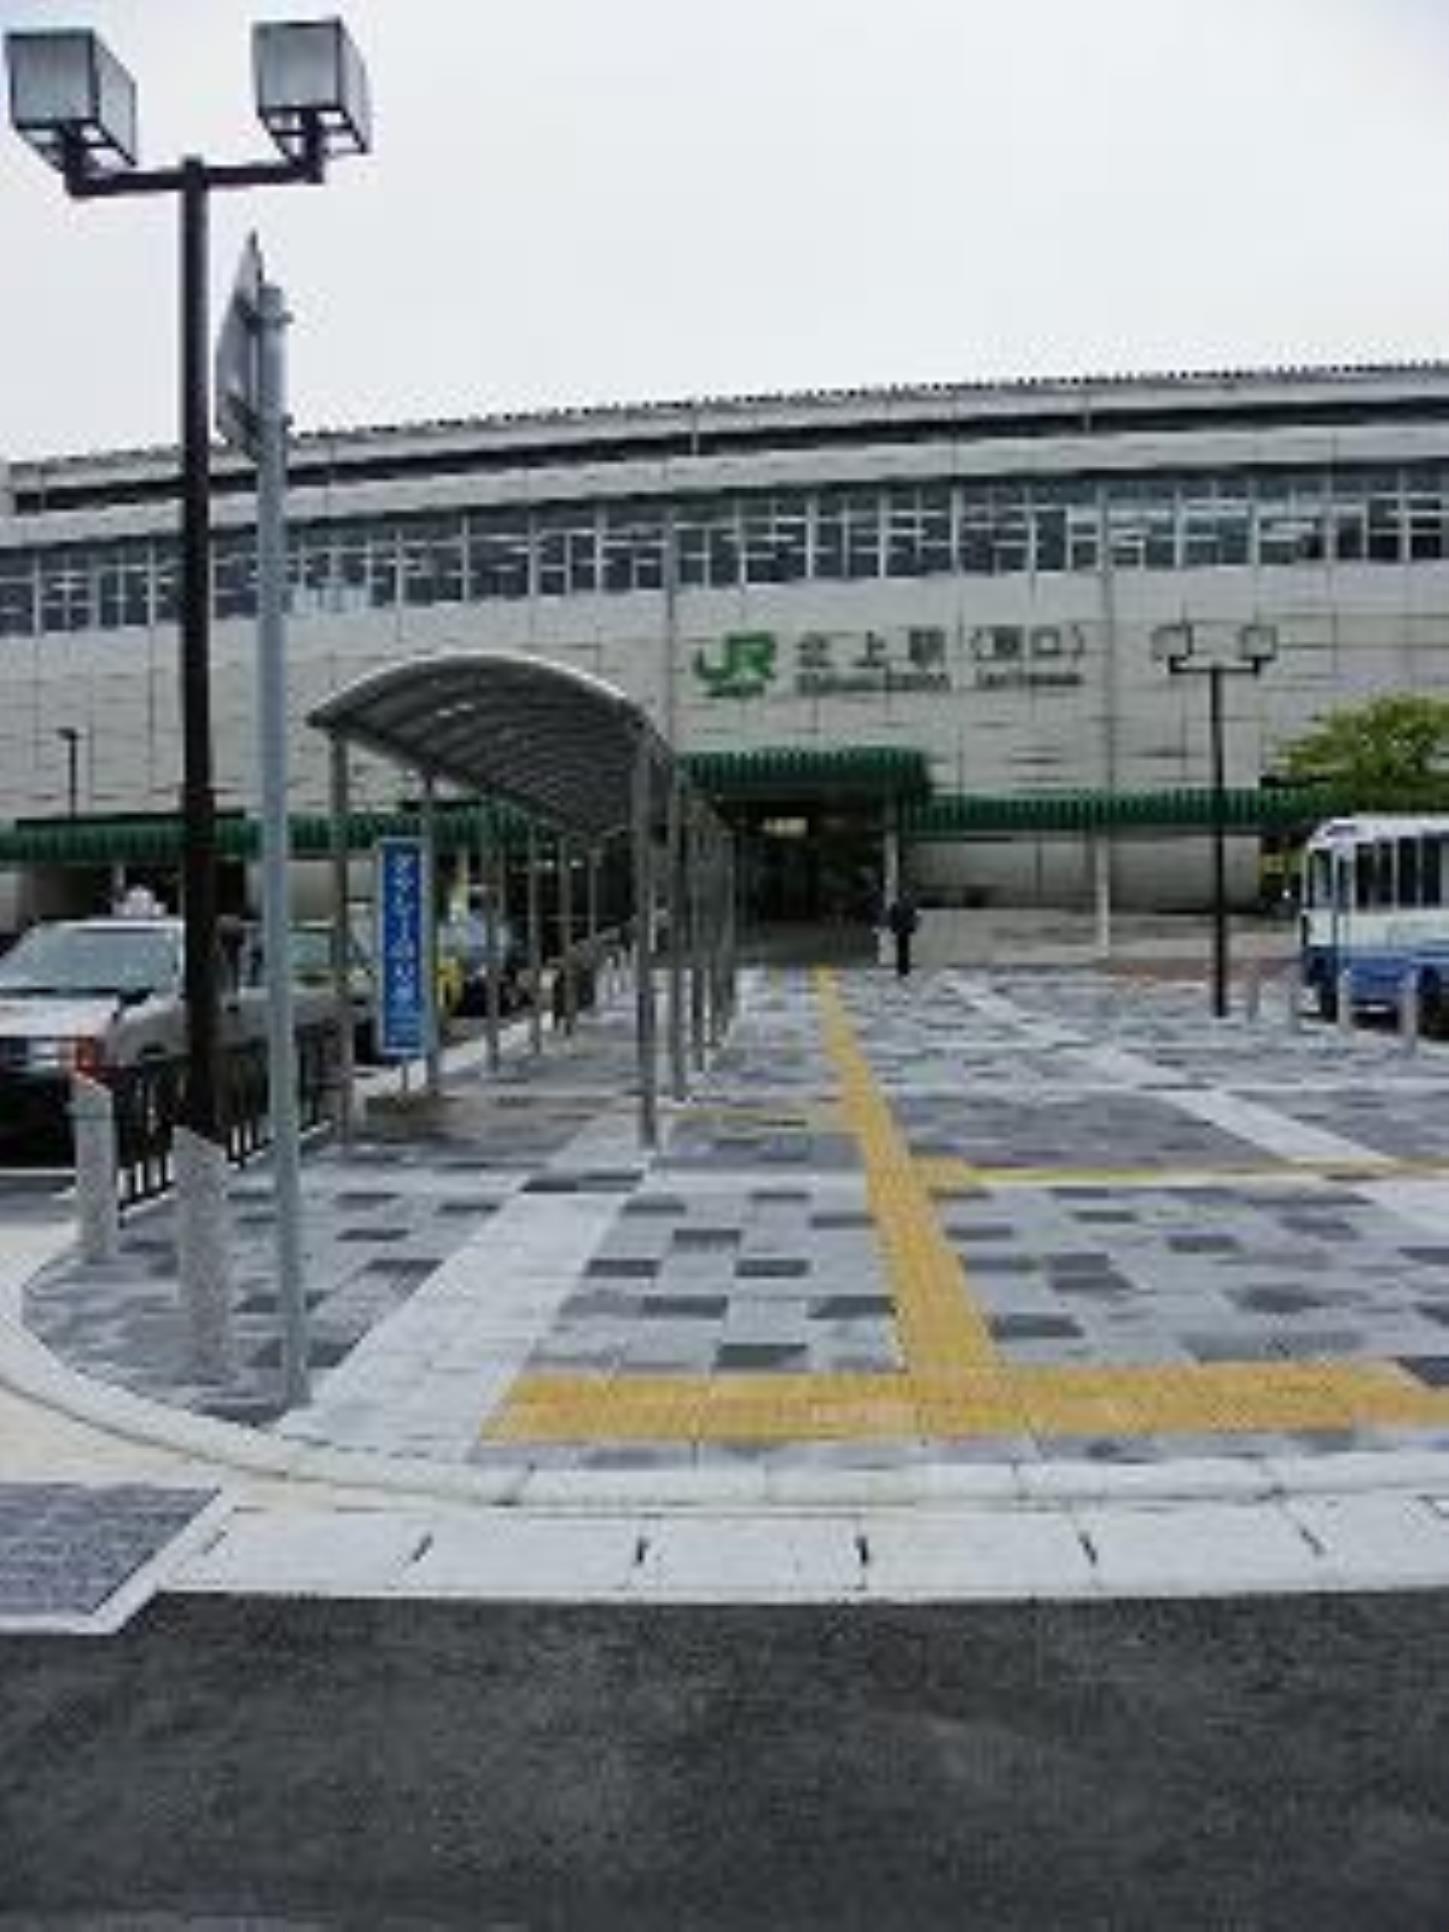 JR東日本北上駅 東口